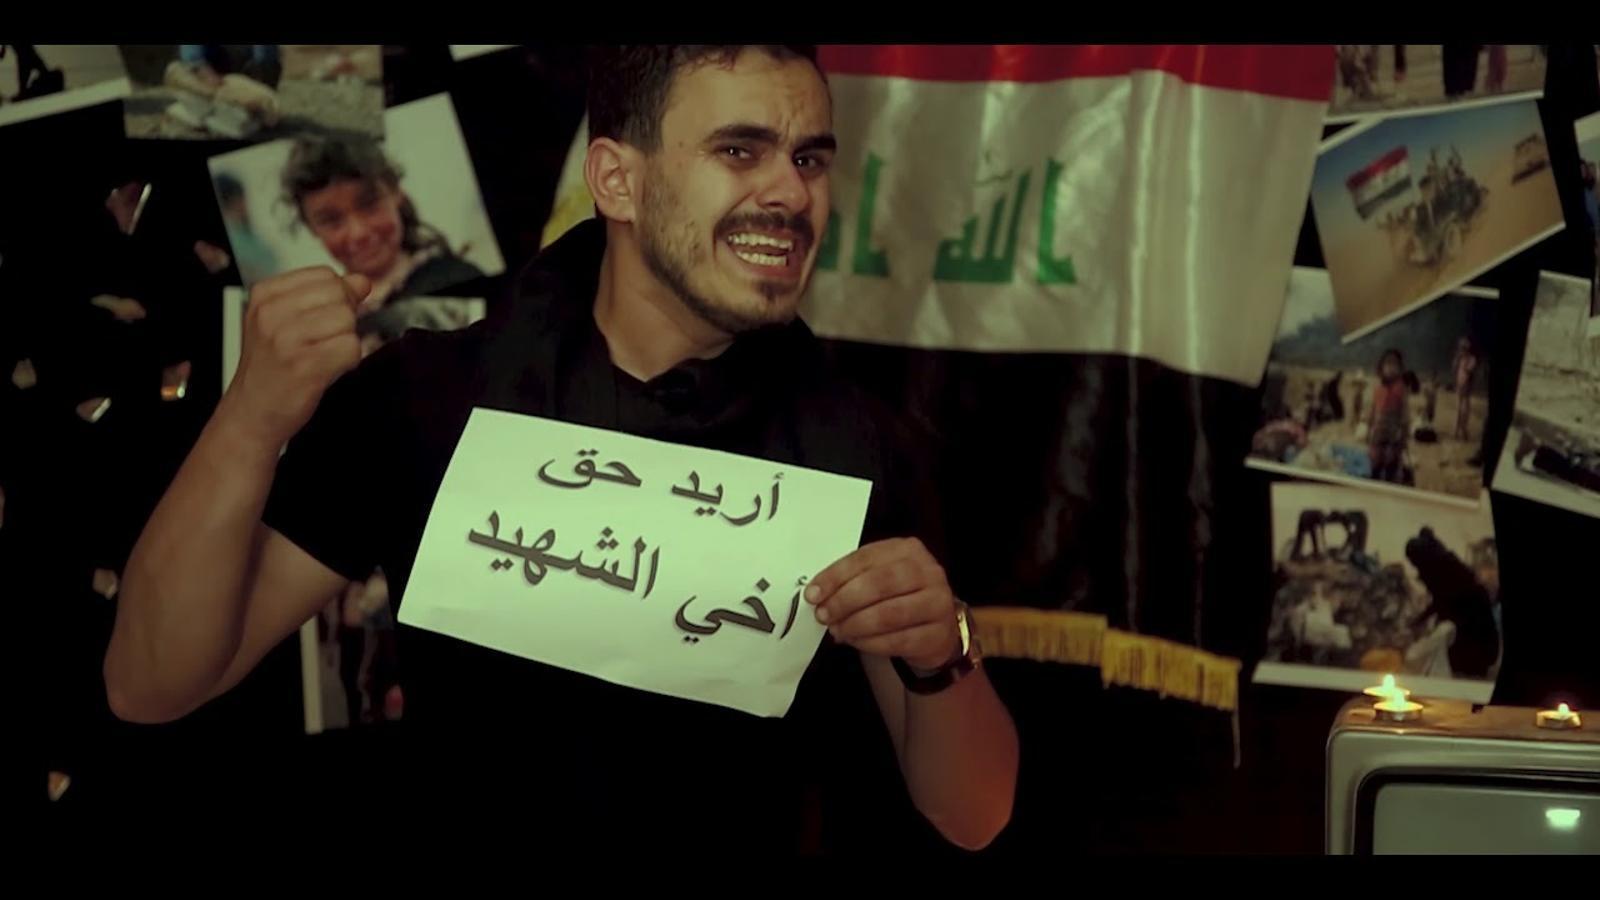 La versió iraquiana del 'Bella Ciao' que s'ha convertit en un himne de les protestes.